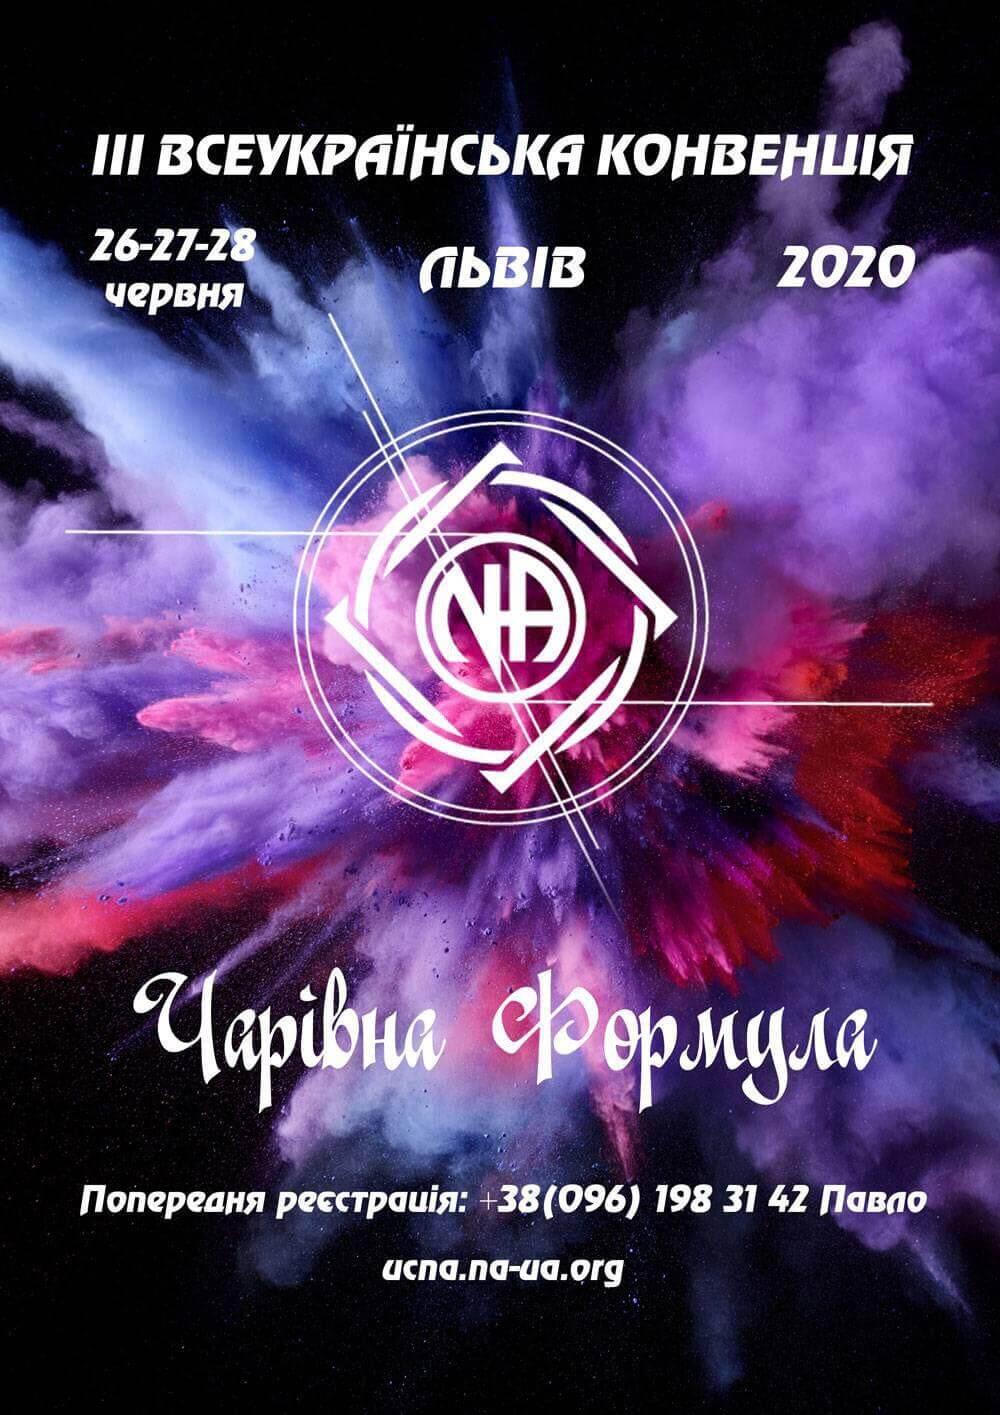 Всеукраинская конвенция АН в 2020 году